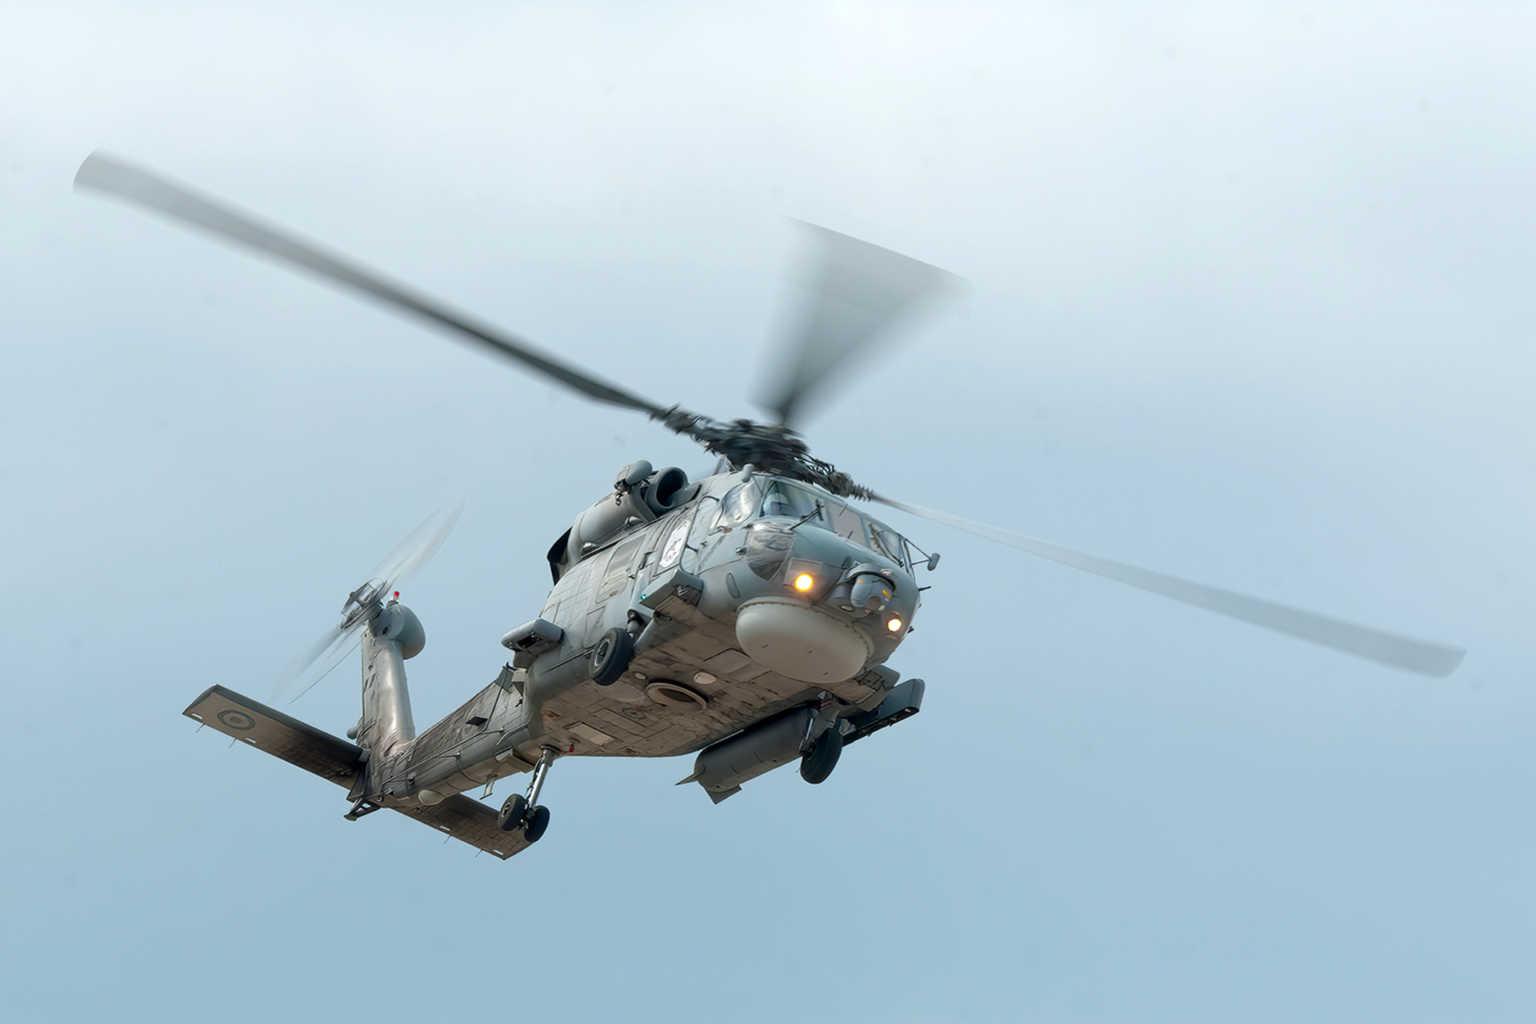 Συνετρίβη το ελικόπτερο του ΝΑΤΟ ανοικτά της Κεφαλονιάς – Αγνοείται το πλήρωμα